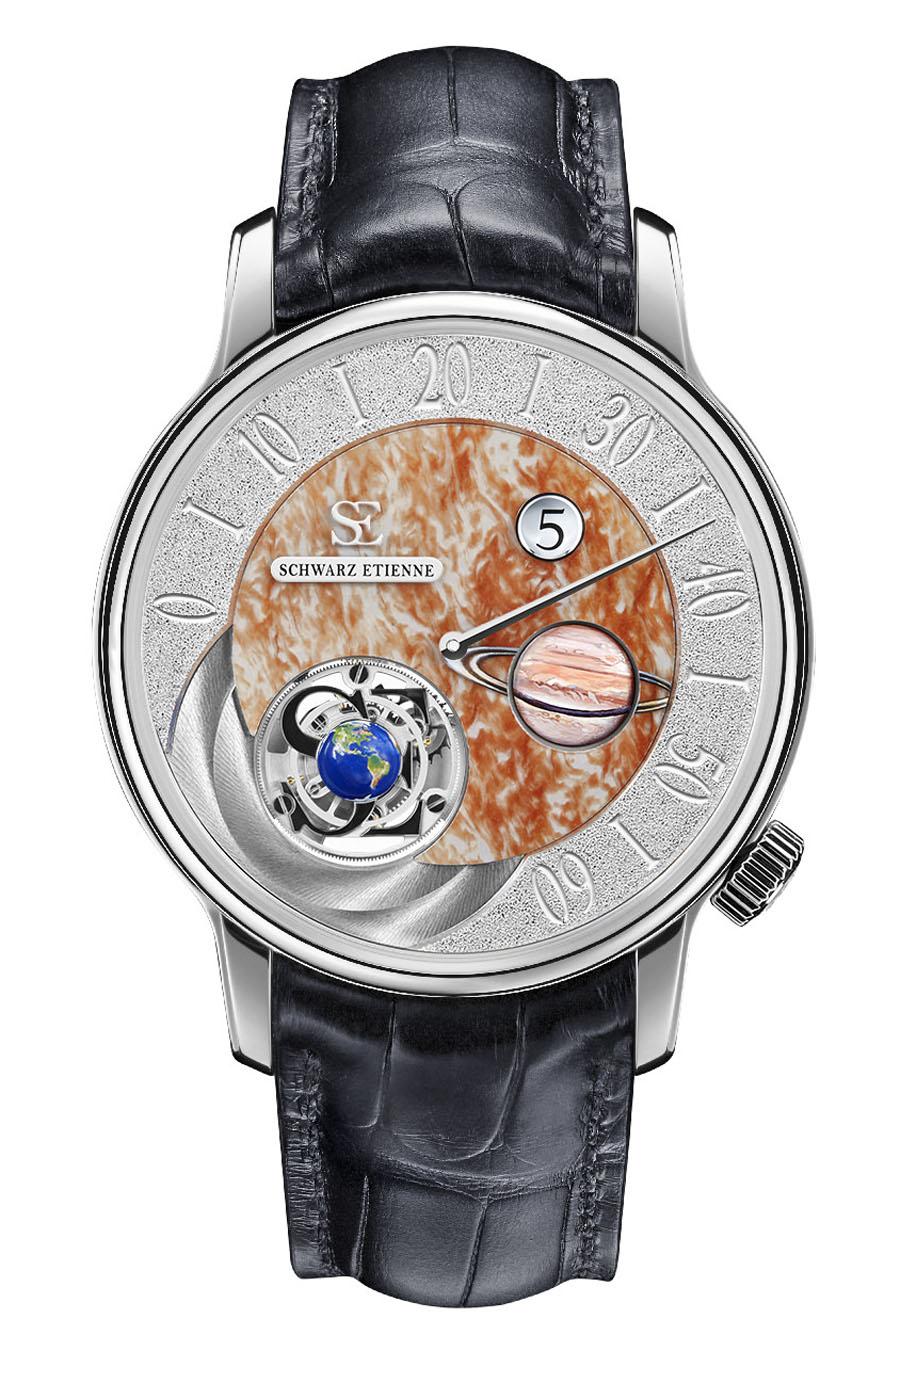 Schwarz Etienne: Das Modell Jupiter der Ode à la Semaine